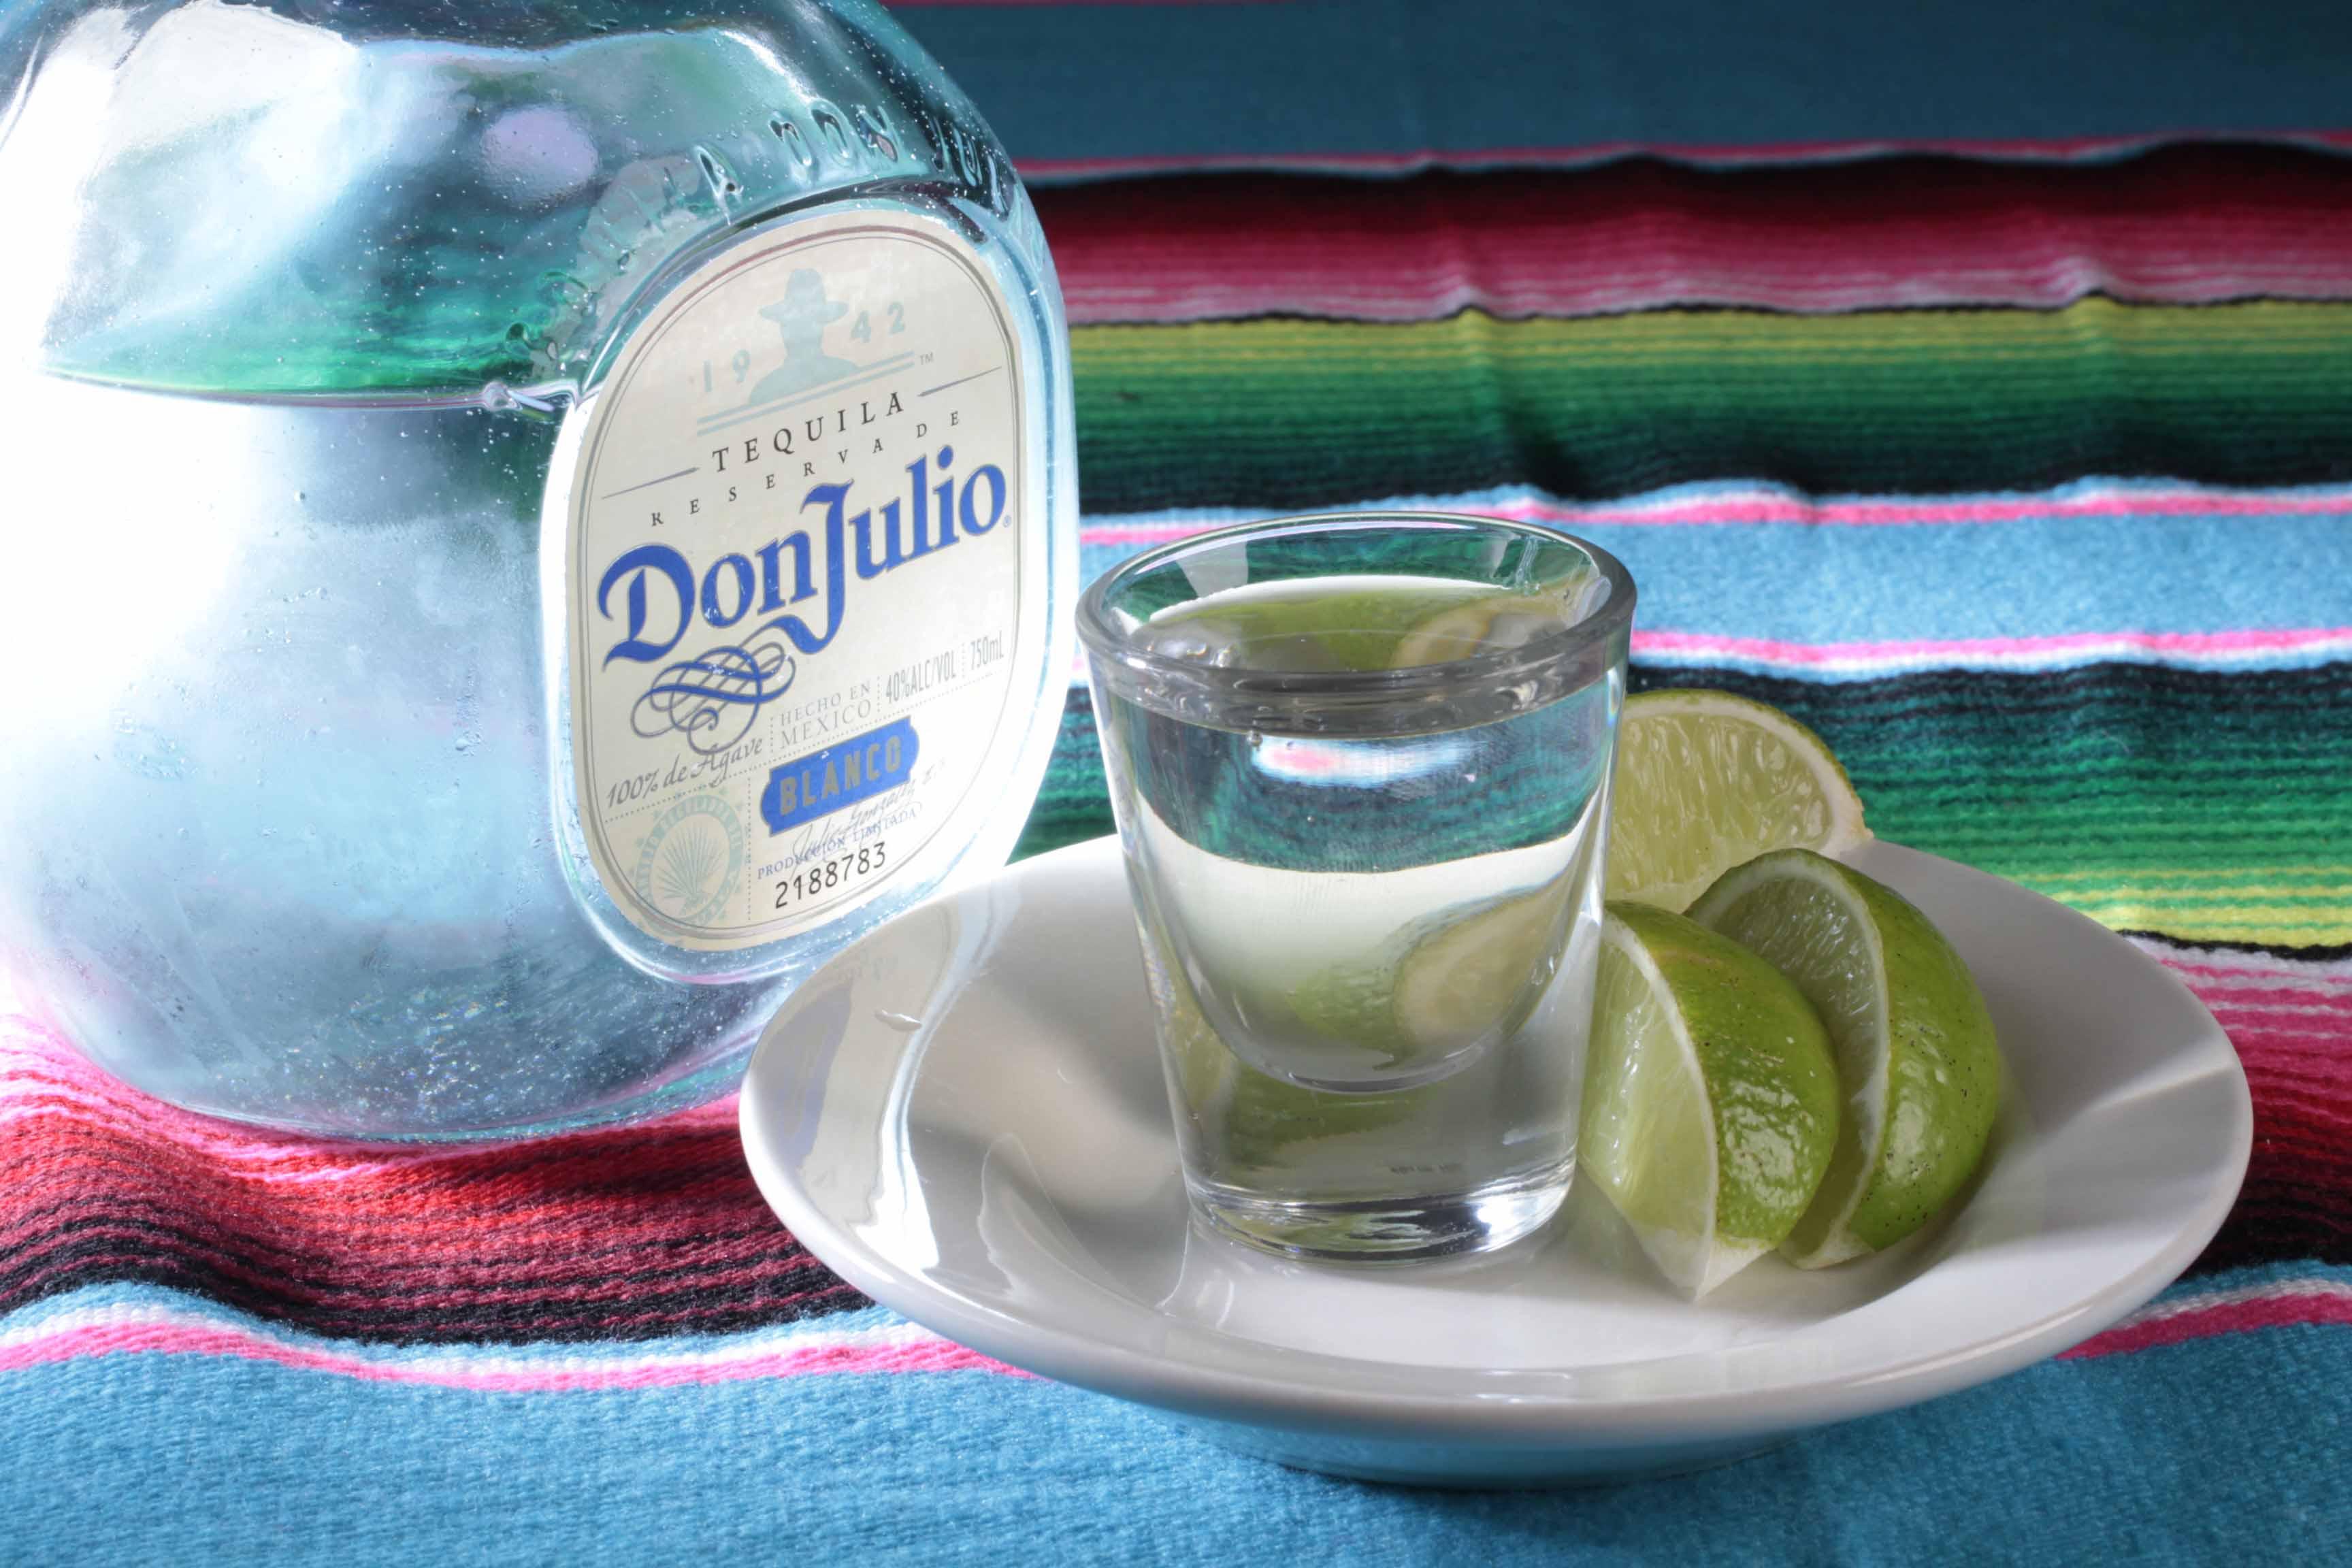 Tequila Don Julio.jpg